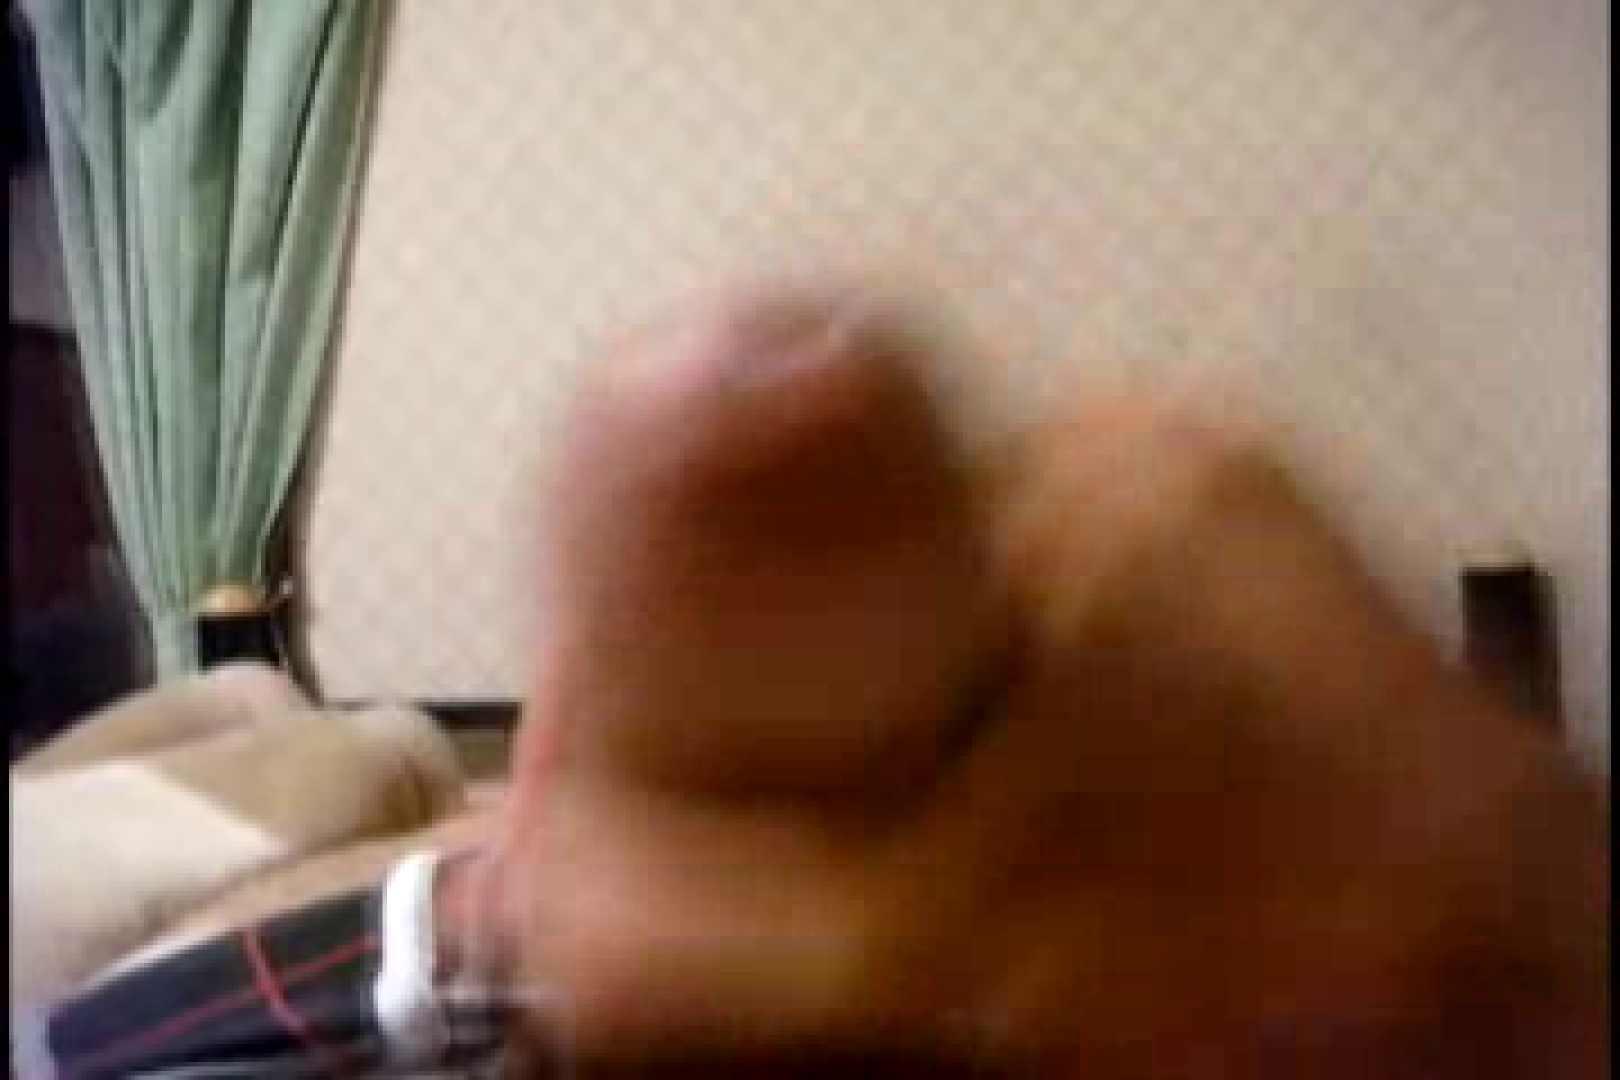 オナ好きノンケテニス部員の自画撮り投稿vol.01 モザ無し エロビデオ紹介 82枚 56